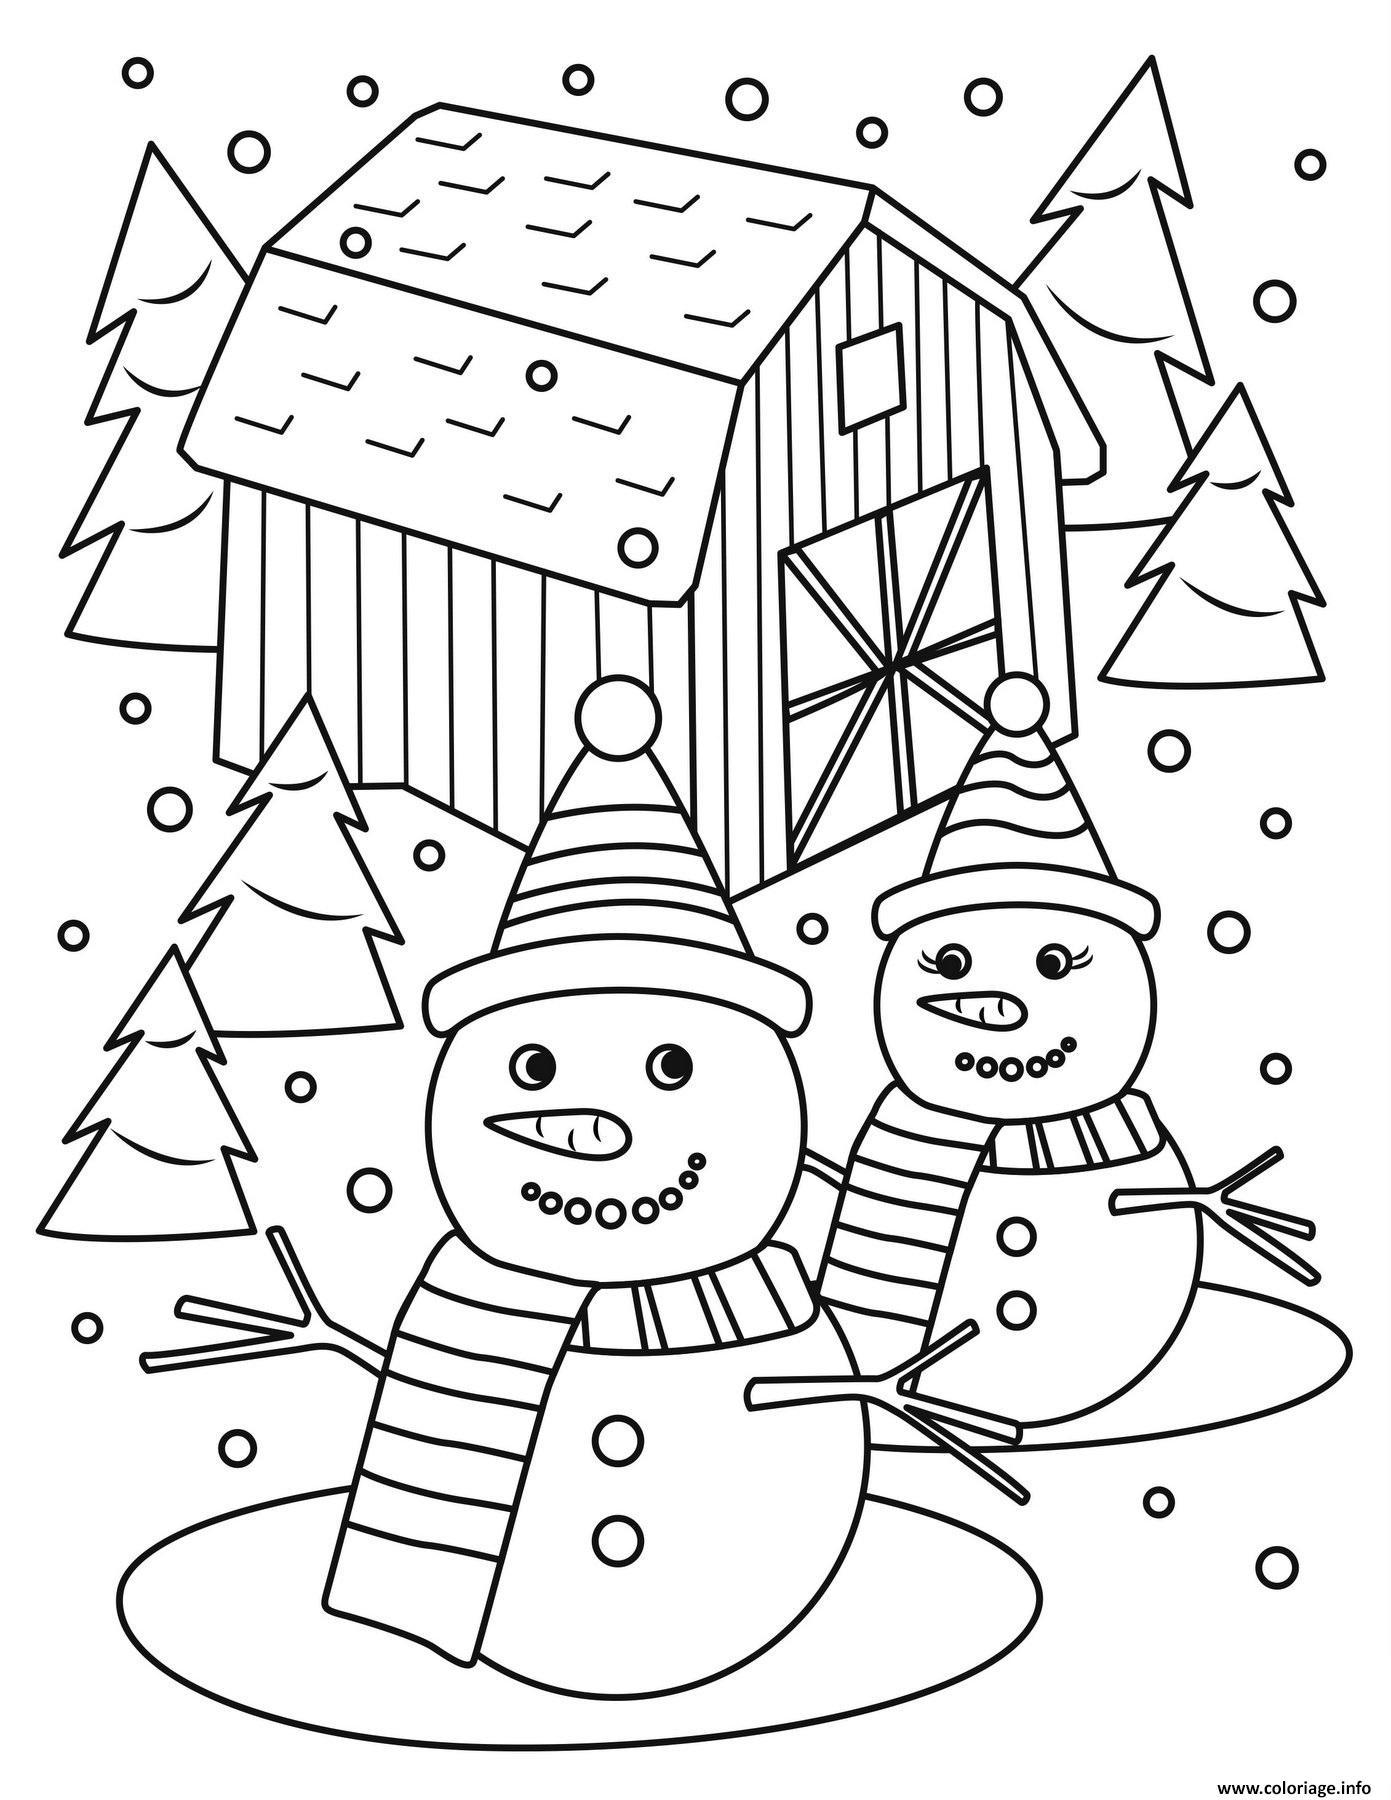 Dessin monsieur et madame bonhomme de neige Coloriage Gratuit à Imprimer